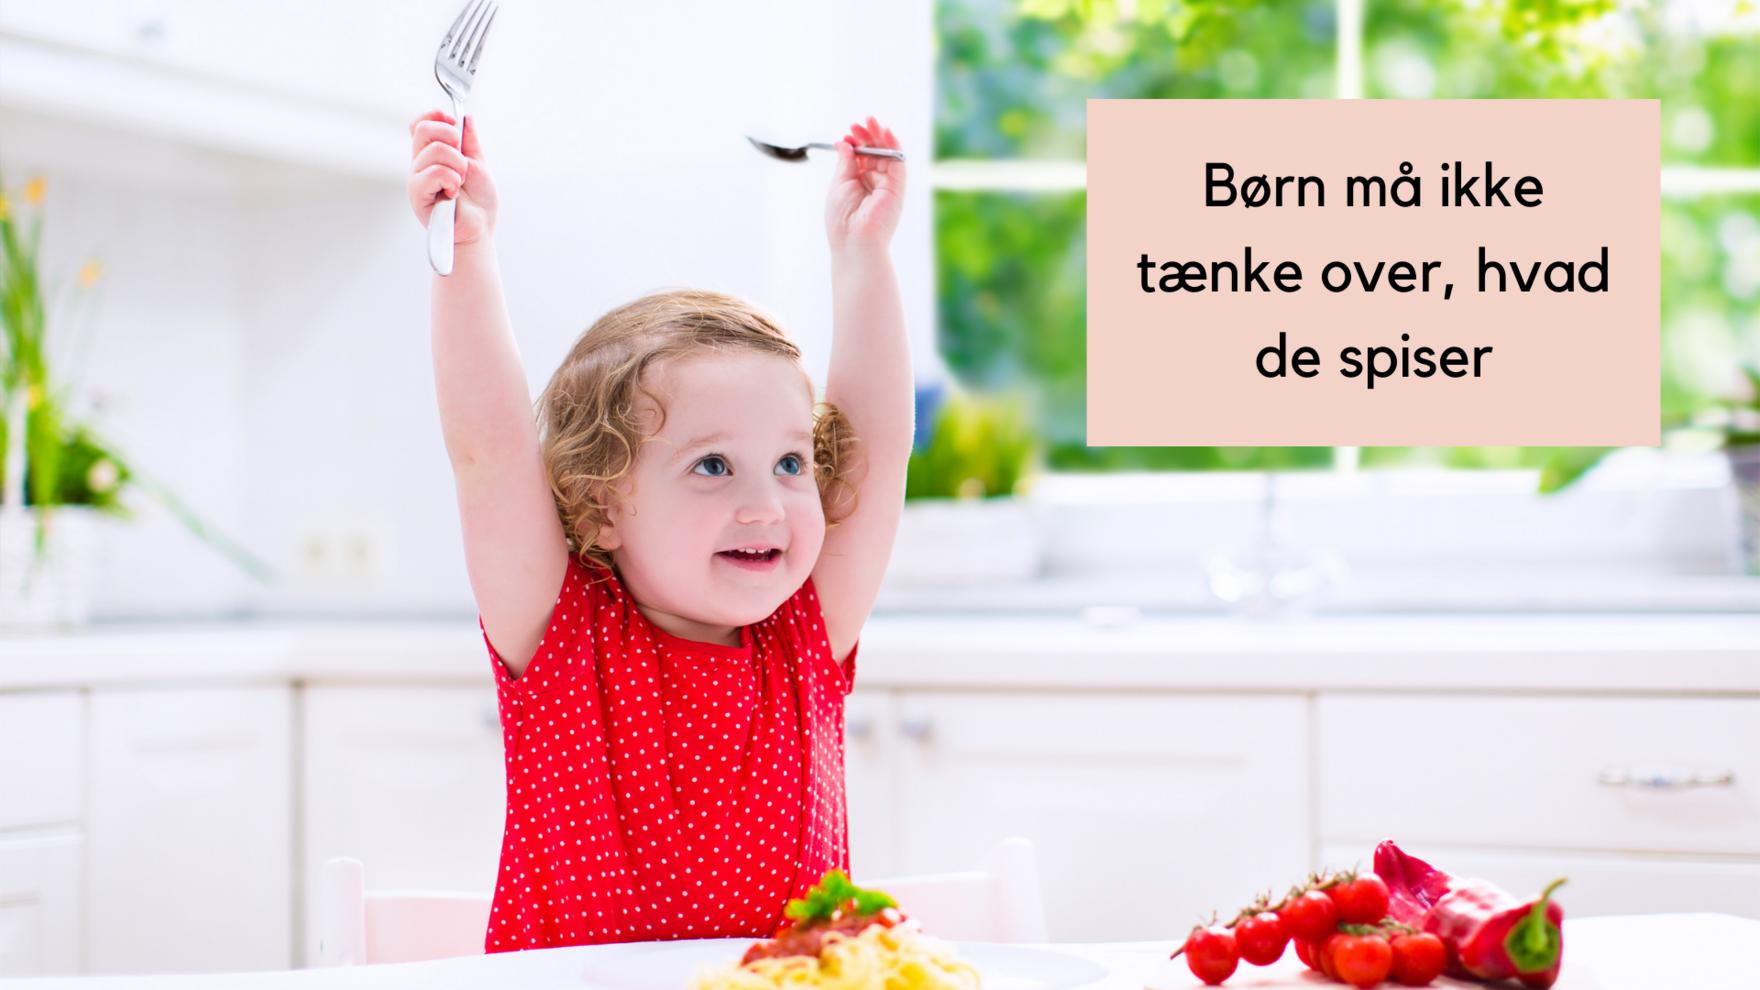 Børn må ikke tænke over, hvad de spiser